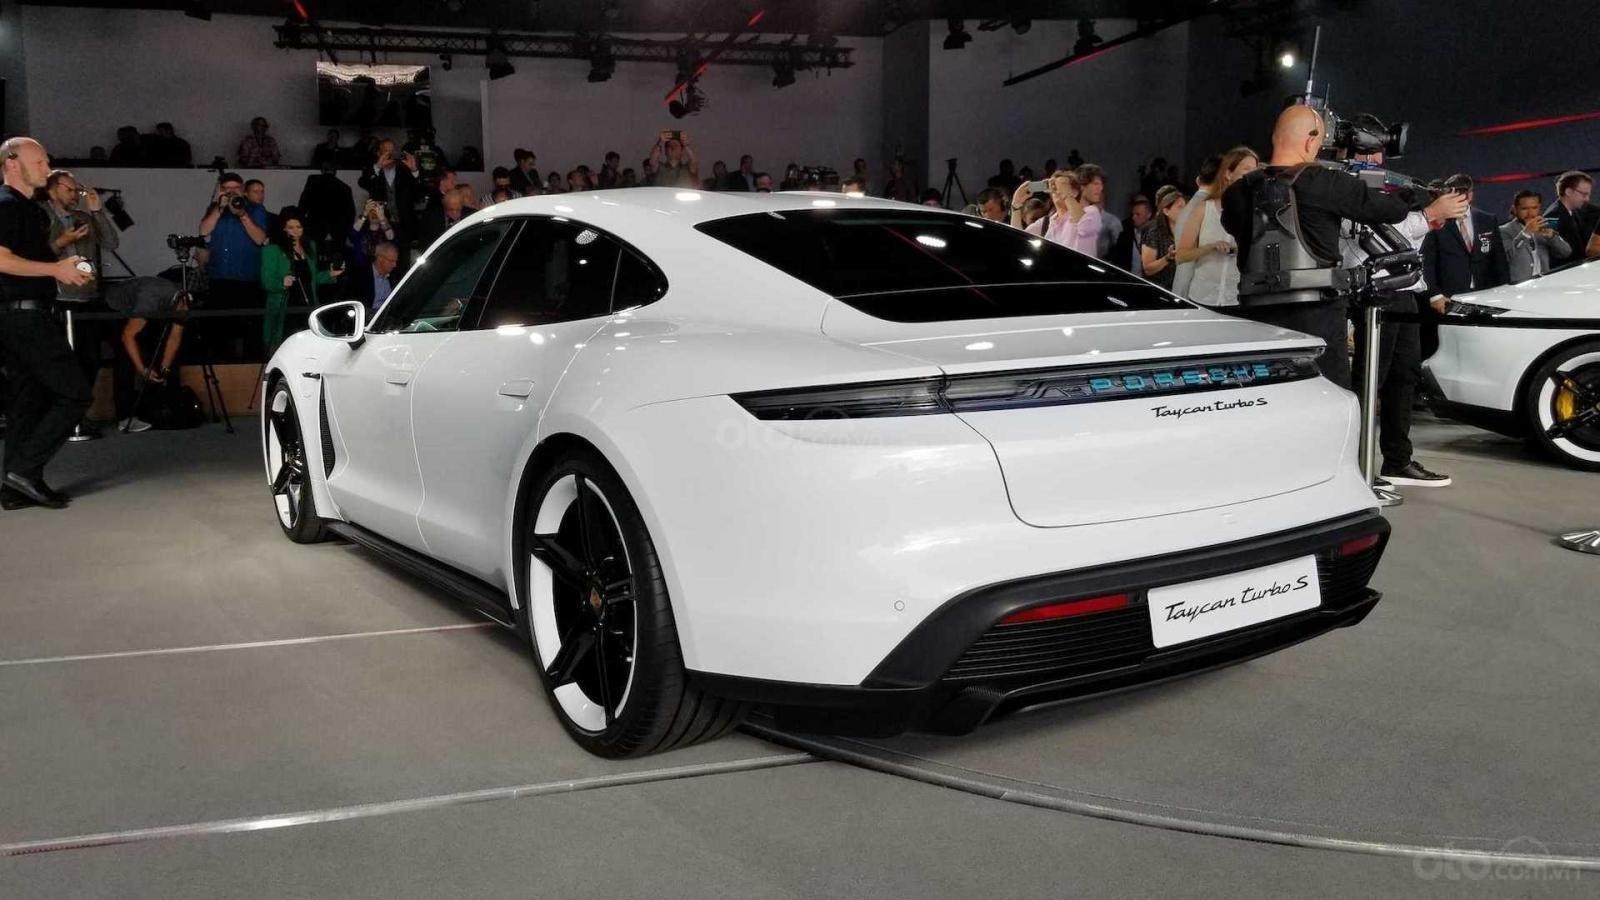 Porsche Taycan 2020 cung cấp 2 tùy chọn bộ sạc cùng hàng loạt tính năng cá nhân hóa đa dạng